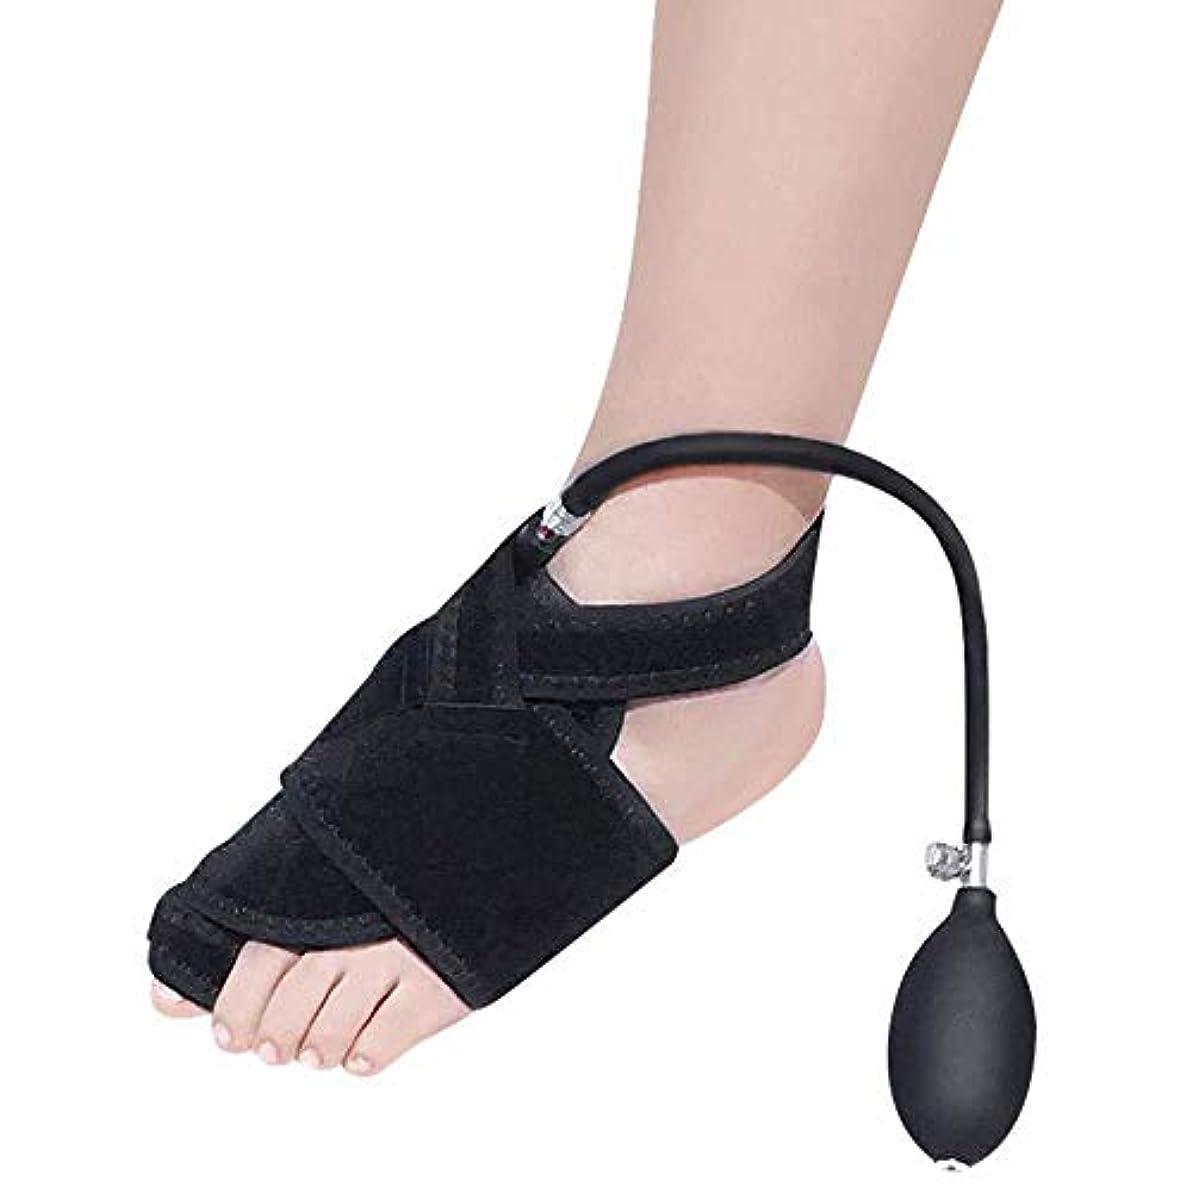 拮抗心配アスリートつま先セパレーター、左の膨脹可能なつま先変形足の親指矯正器および空気圧式整形外科用補助腱膜瘤手術の回復,Leftfoot